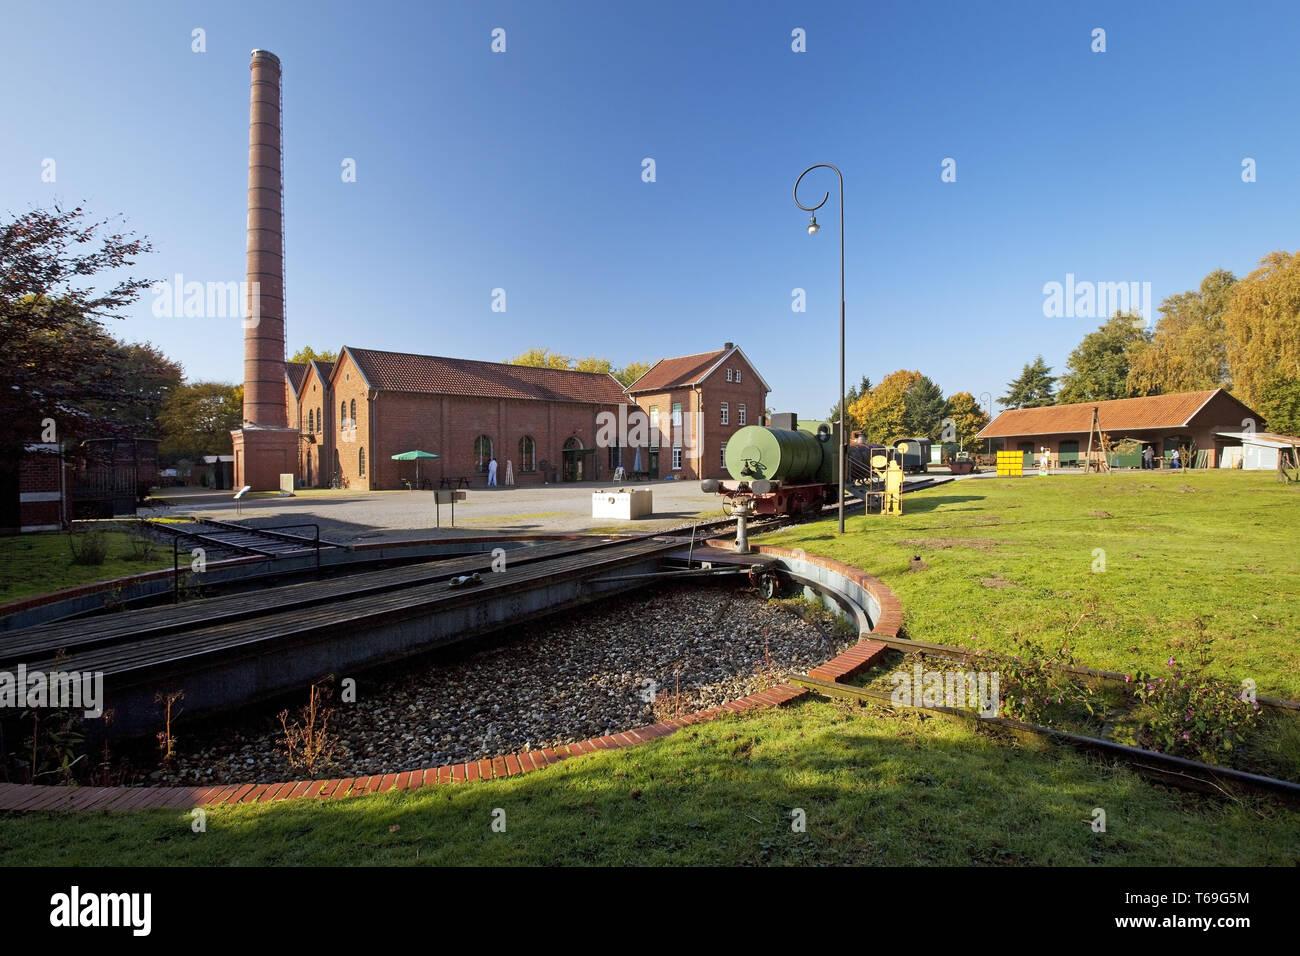 Bocholt Textile Museum, à l'extérieur, l'Allemagne, en Rhénanie du Nord-Westphalie, région de Münster, Bocholt Photo Stock